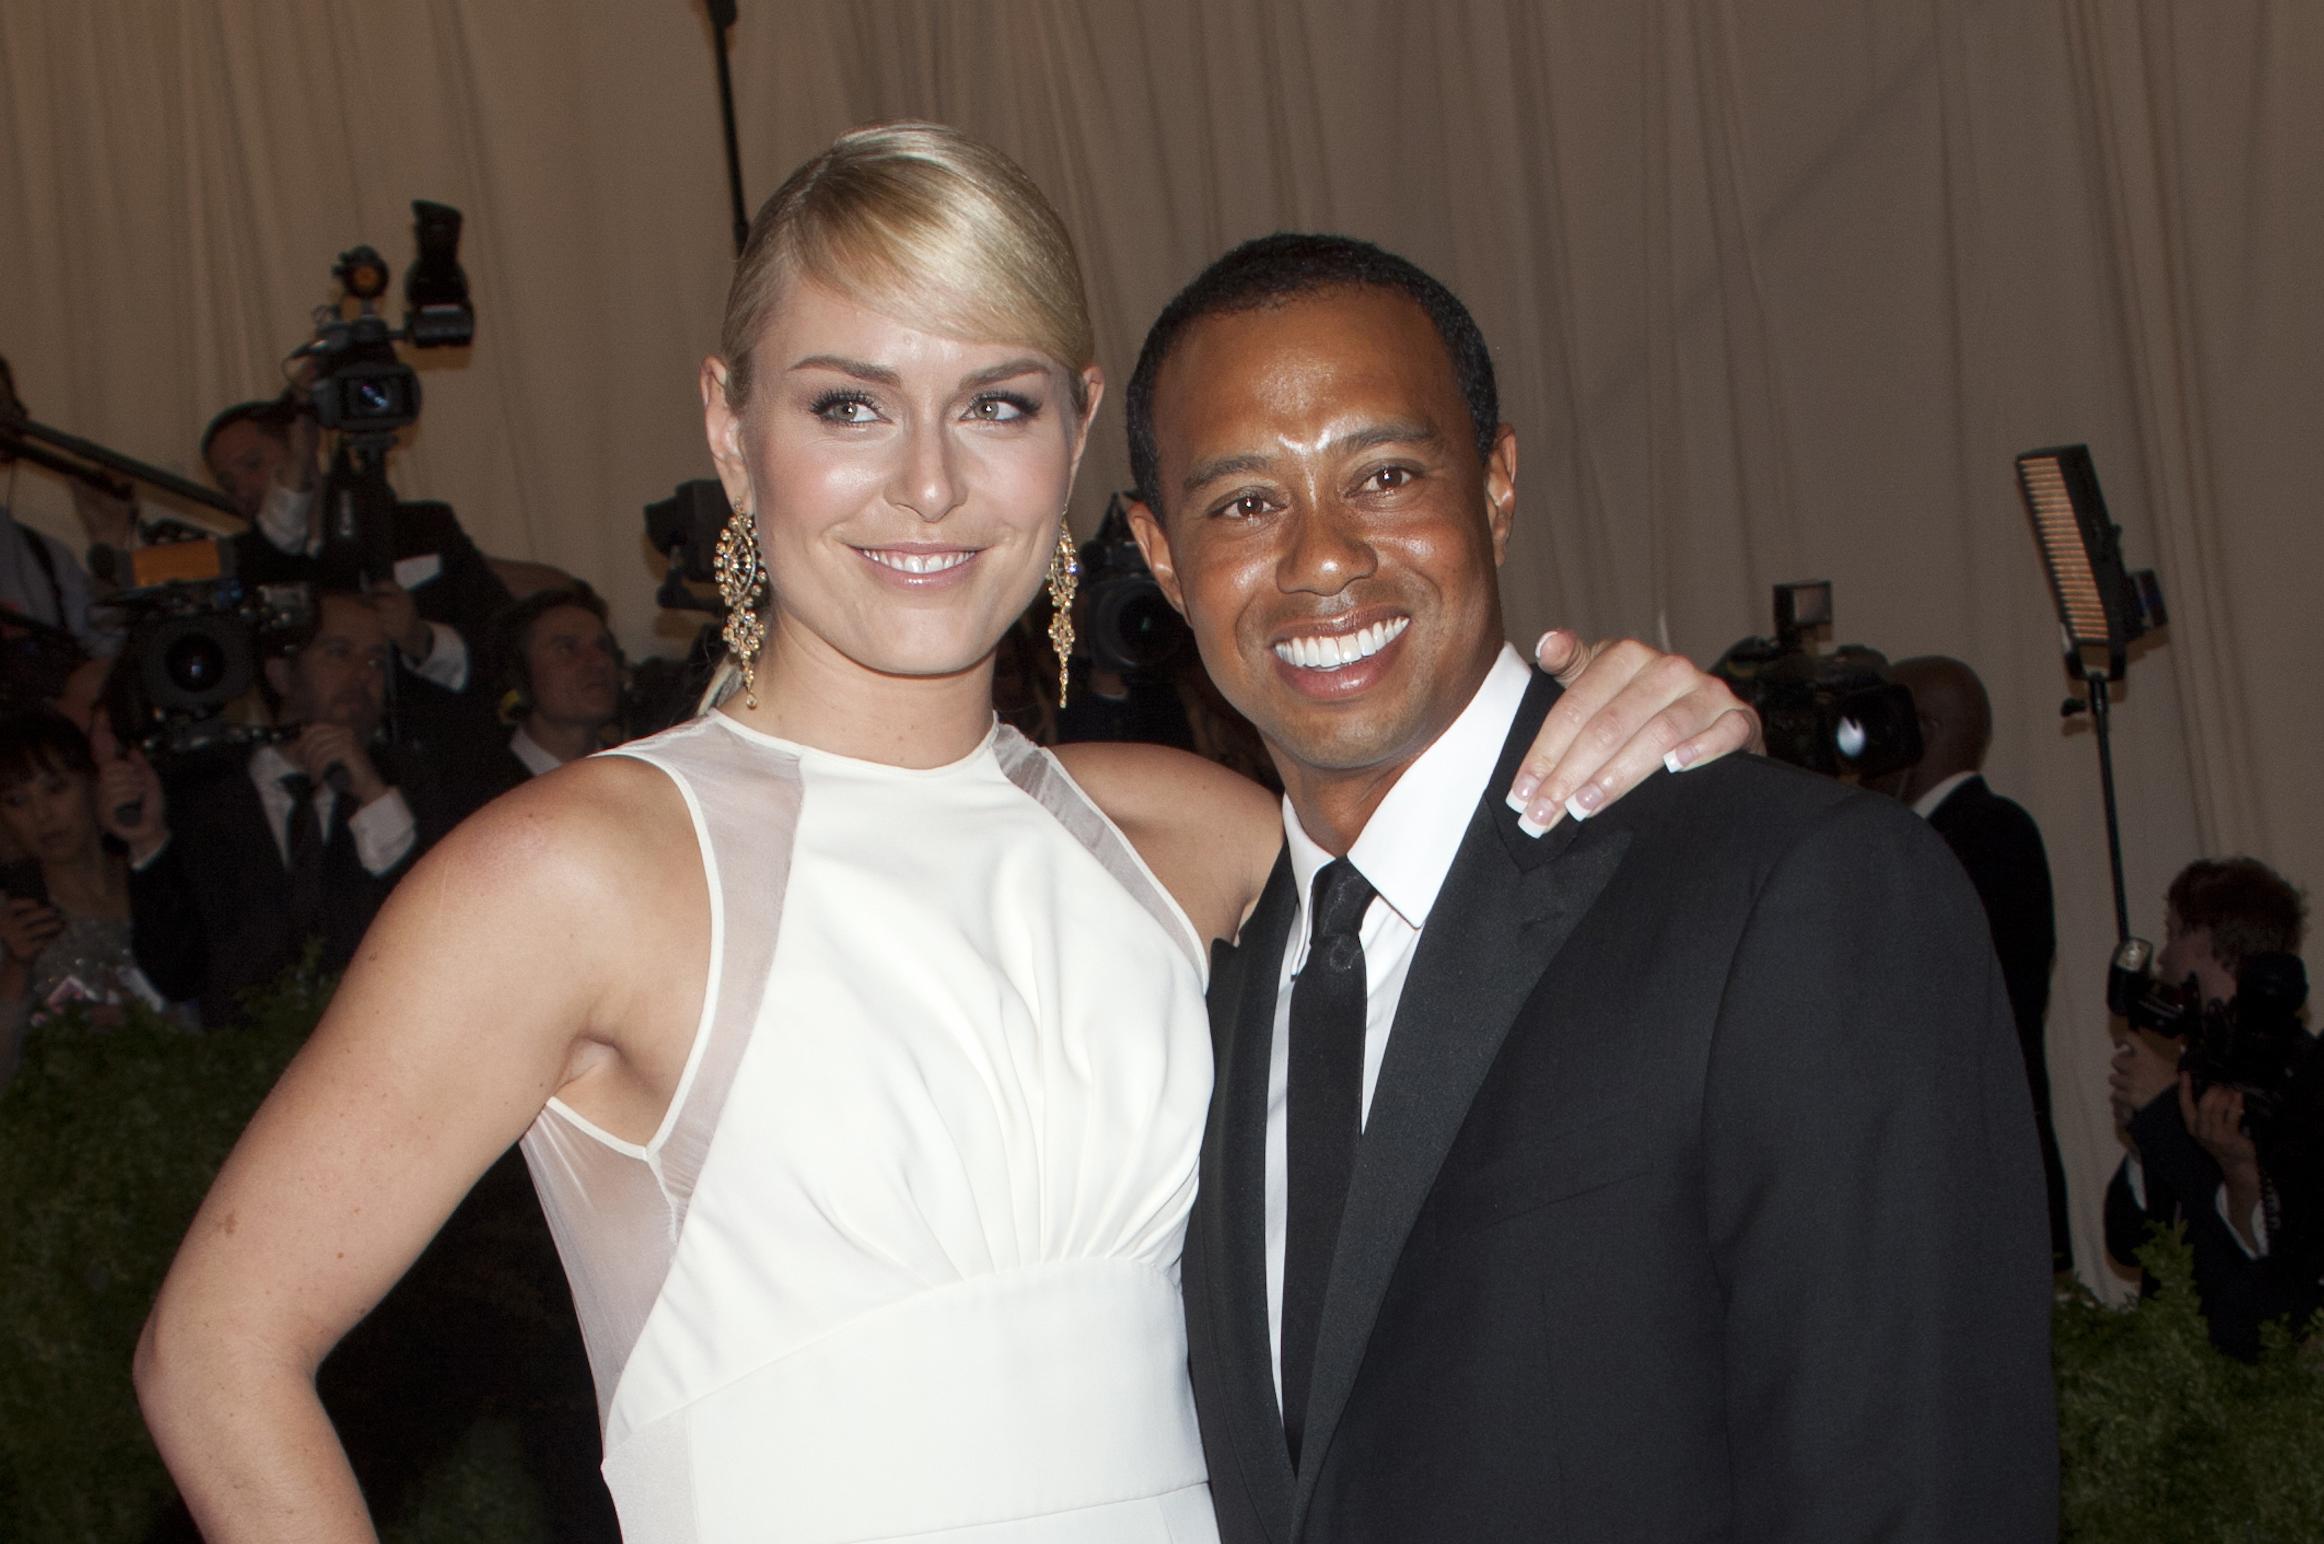 Tiger Woods and Lindsay Vonn